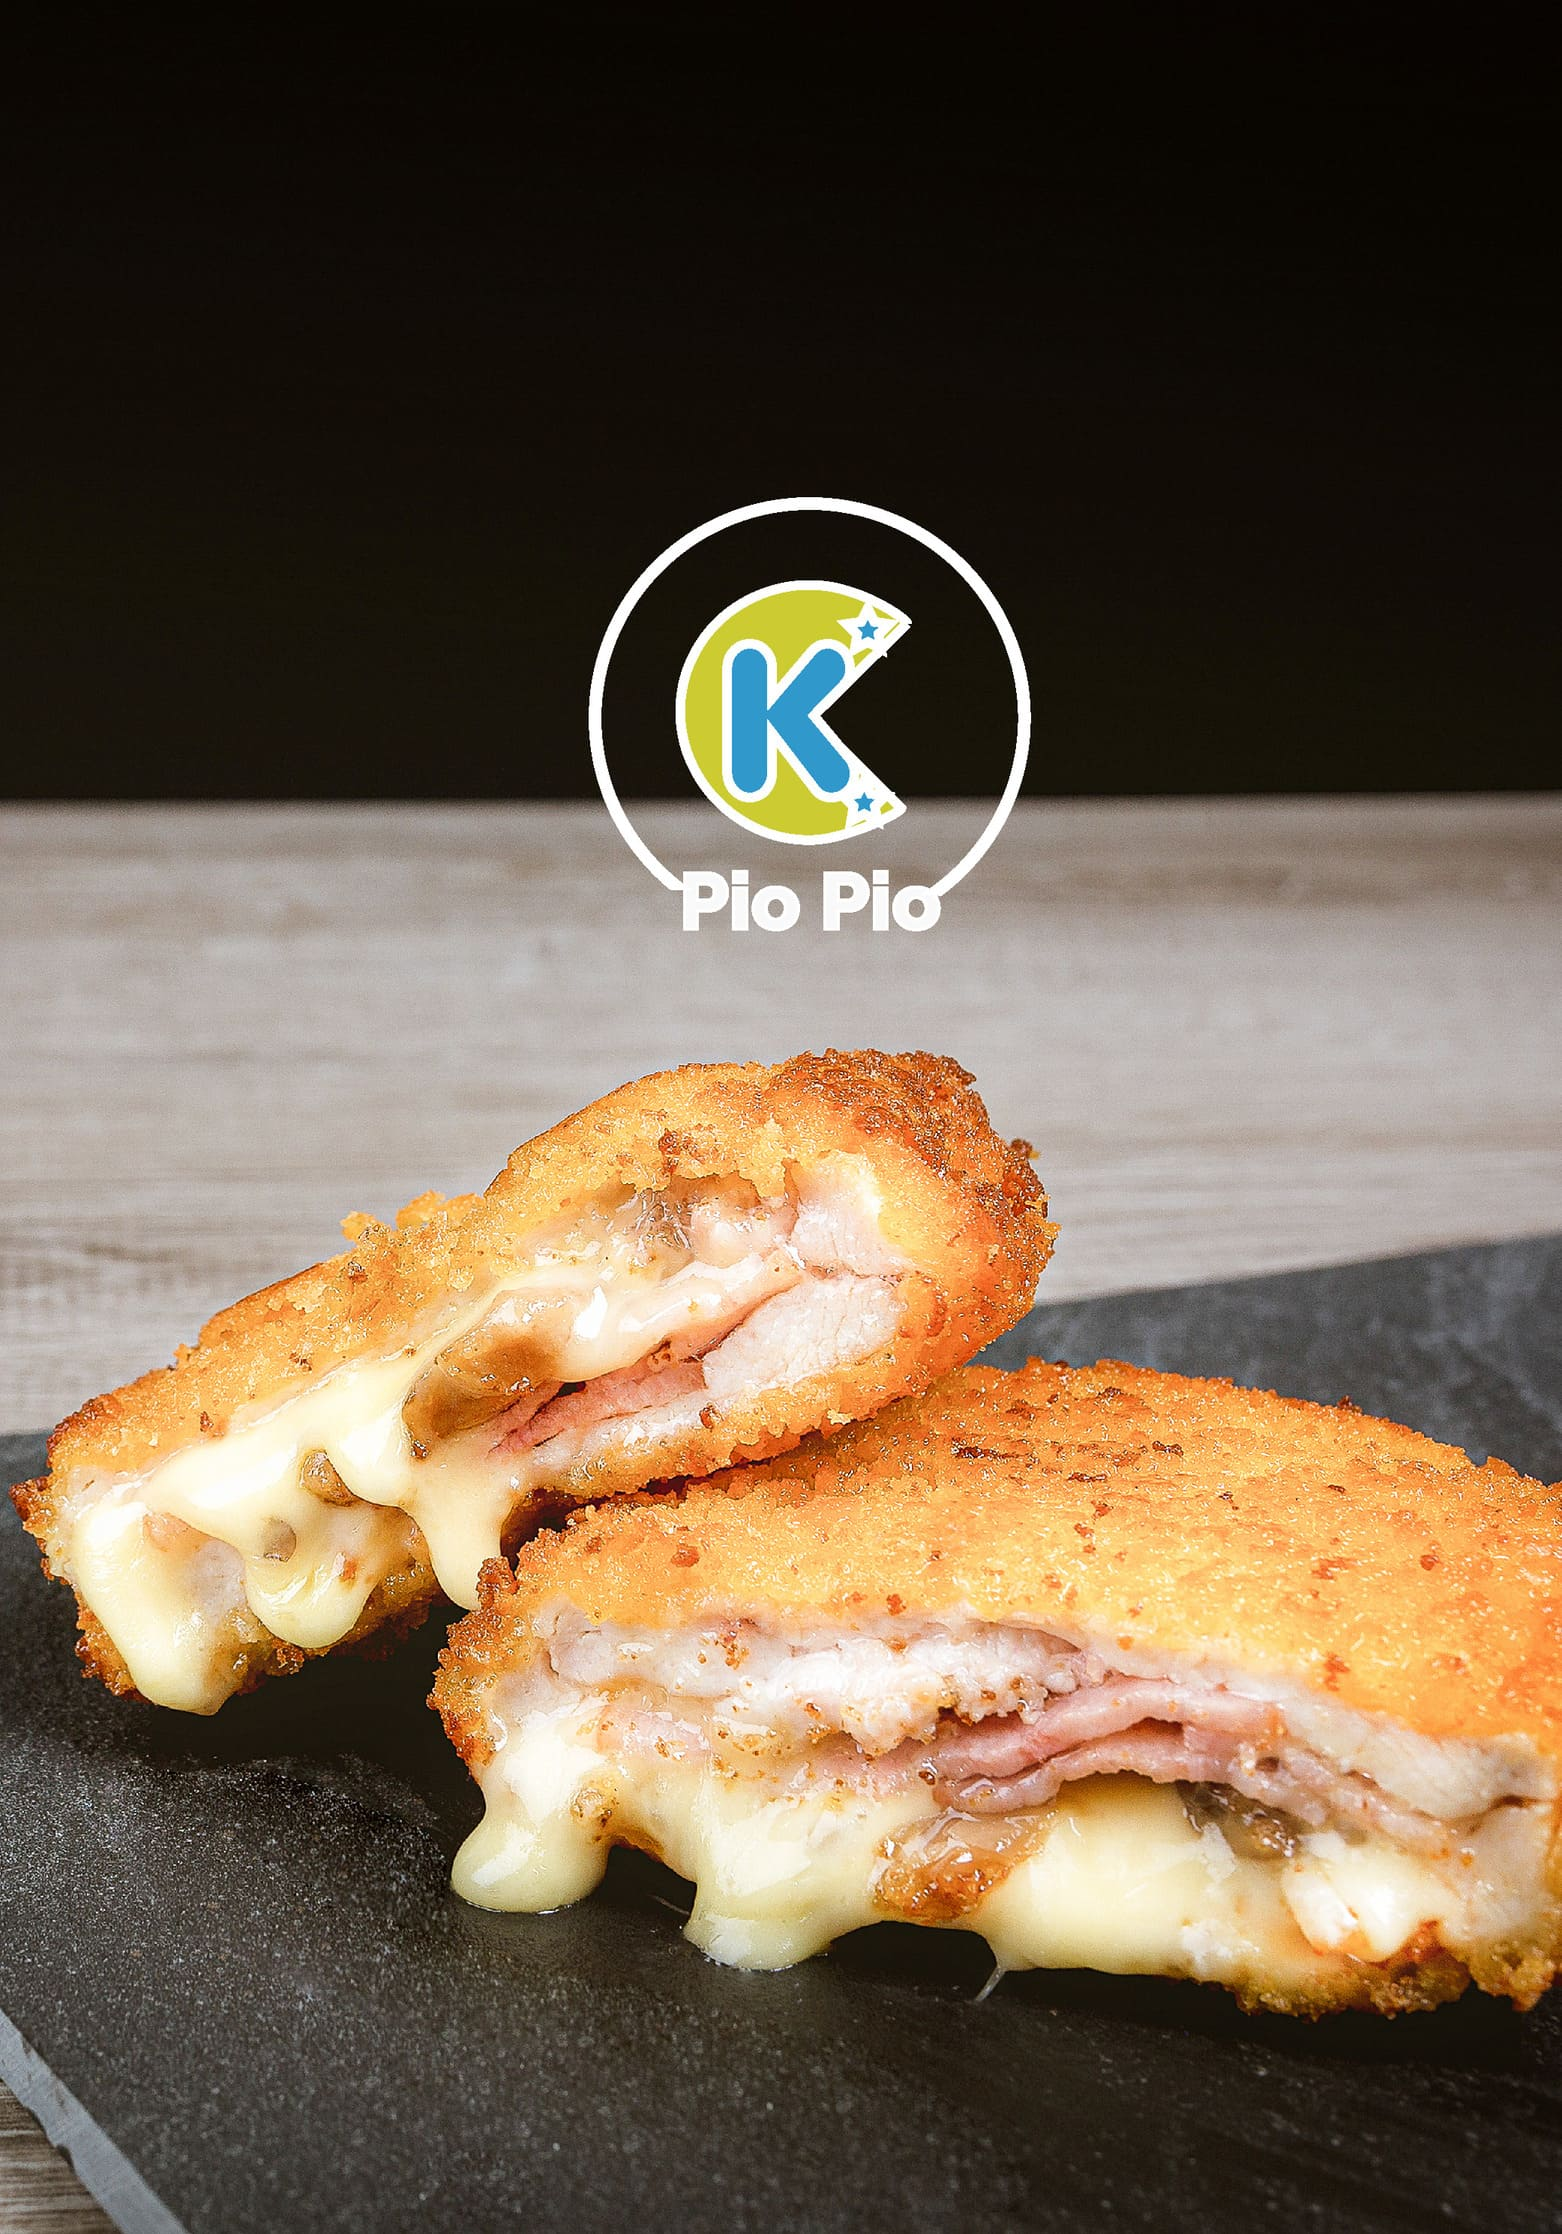 PioPio-PNG_Pio-Pio